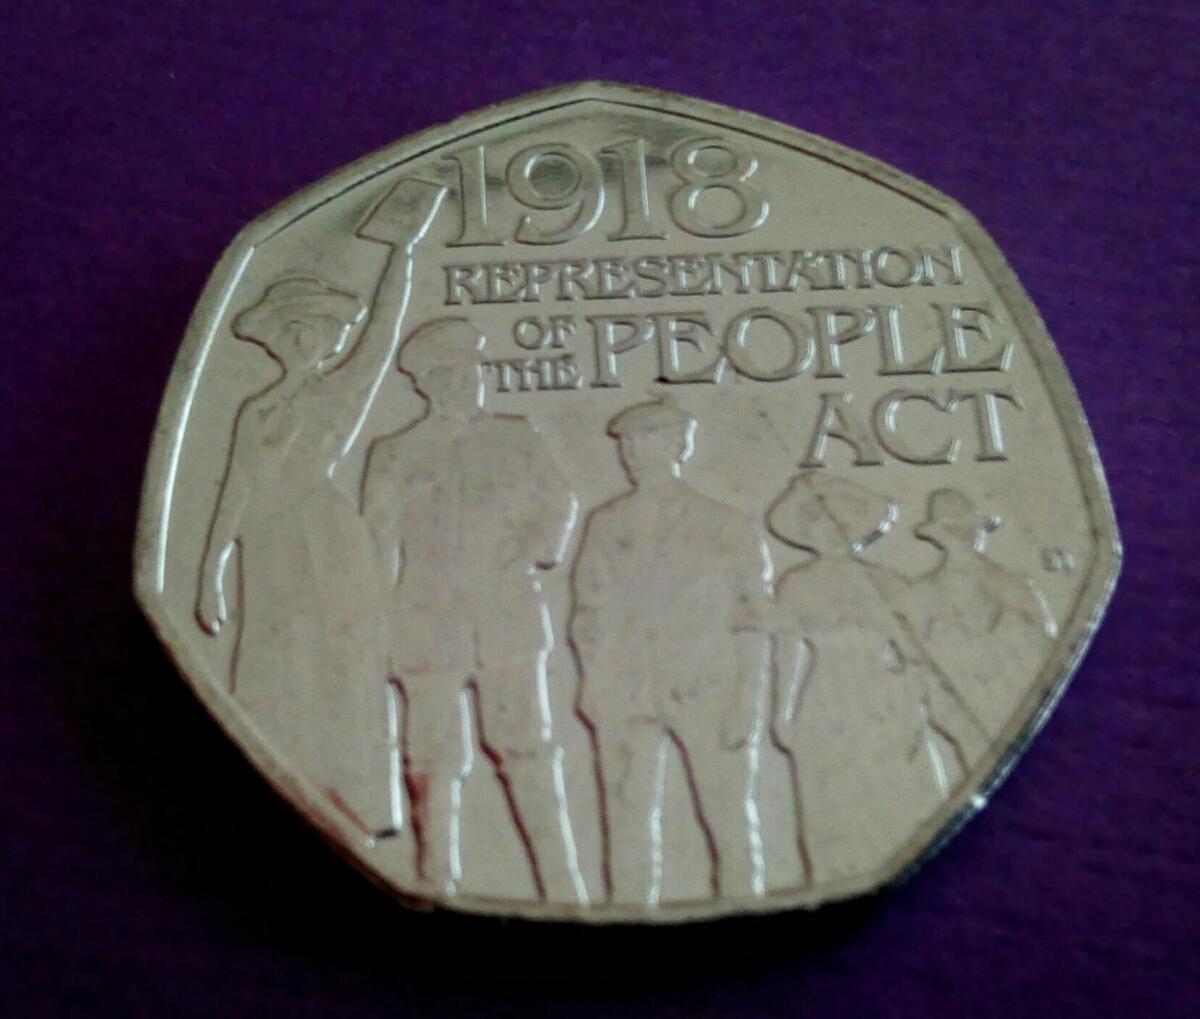 イギリス 英国 50ペンス コインRepresentation of the People Act 1918 デザイン8g 27mm2018年 エリザベス女王Thank you for looking!_画像5